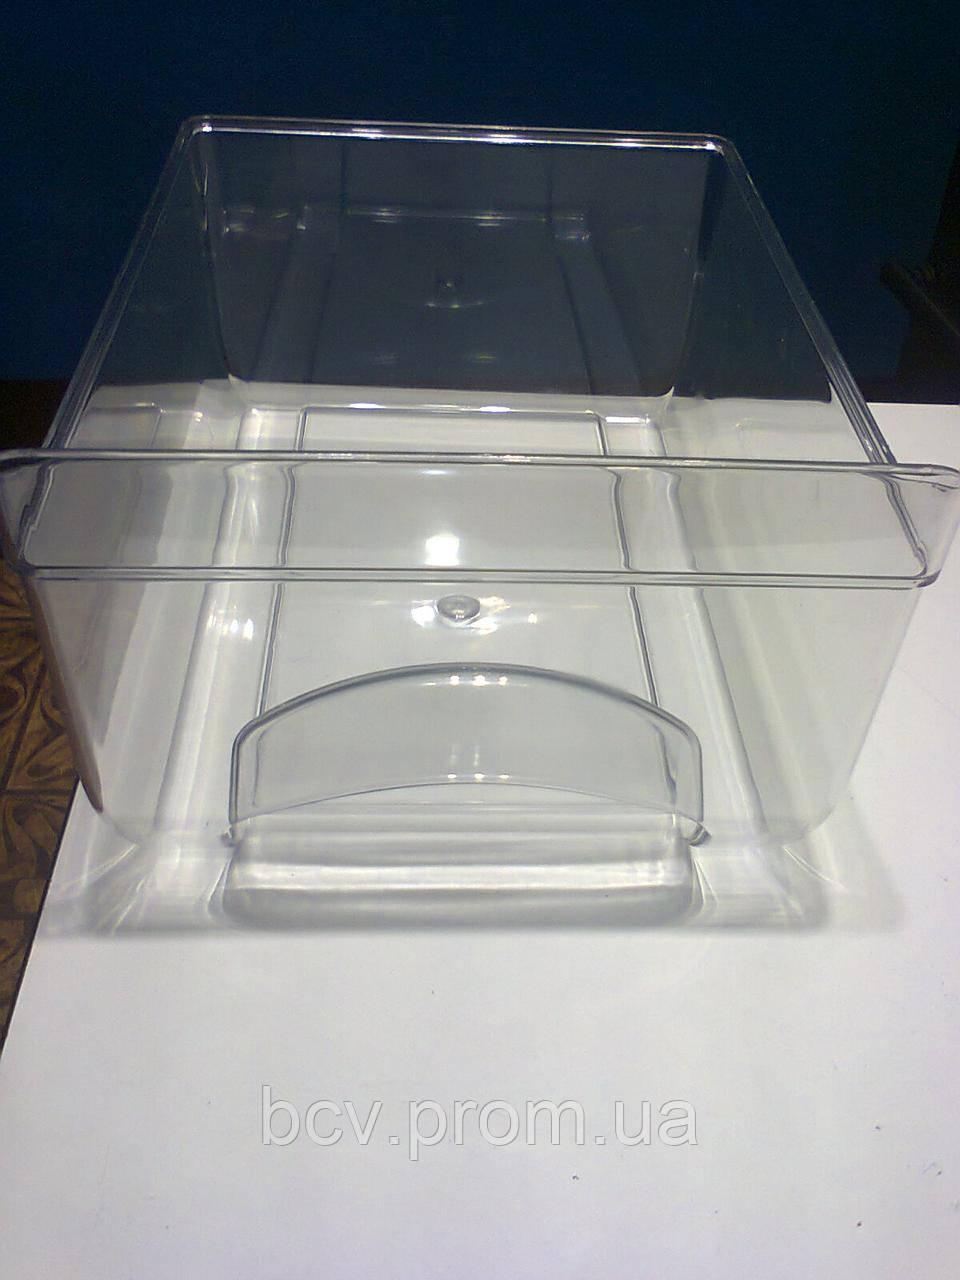 Ящик для овощей и фруктов для холодильника Атлант (255х340х200(155)) - BCV в Белой Церкви